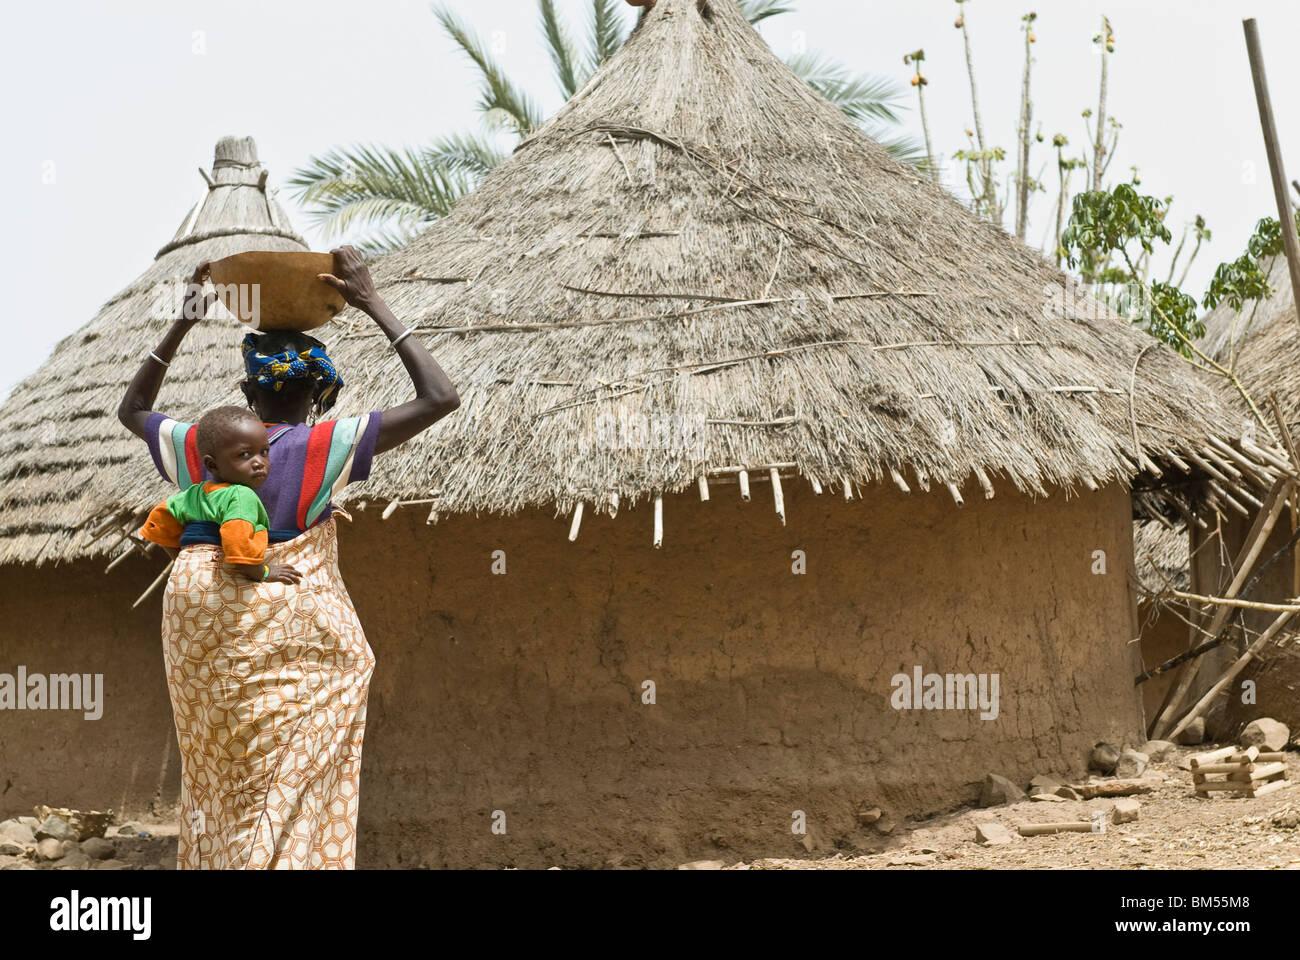 La mujer bedik africanos que llevan niños, Iwol village, país Bassari, Senegal, África. Imagen De Stock